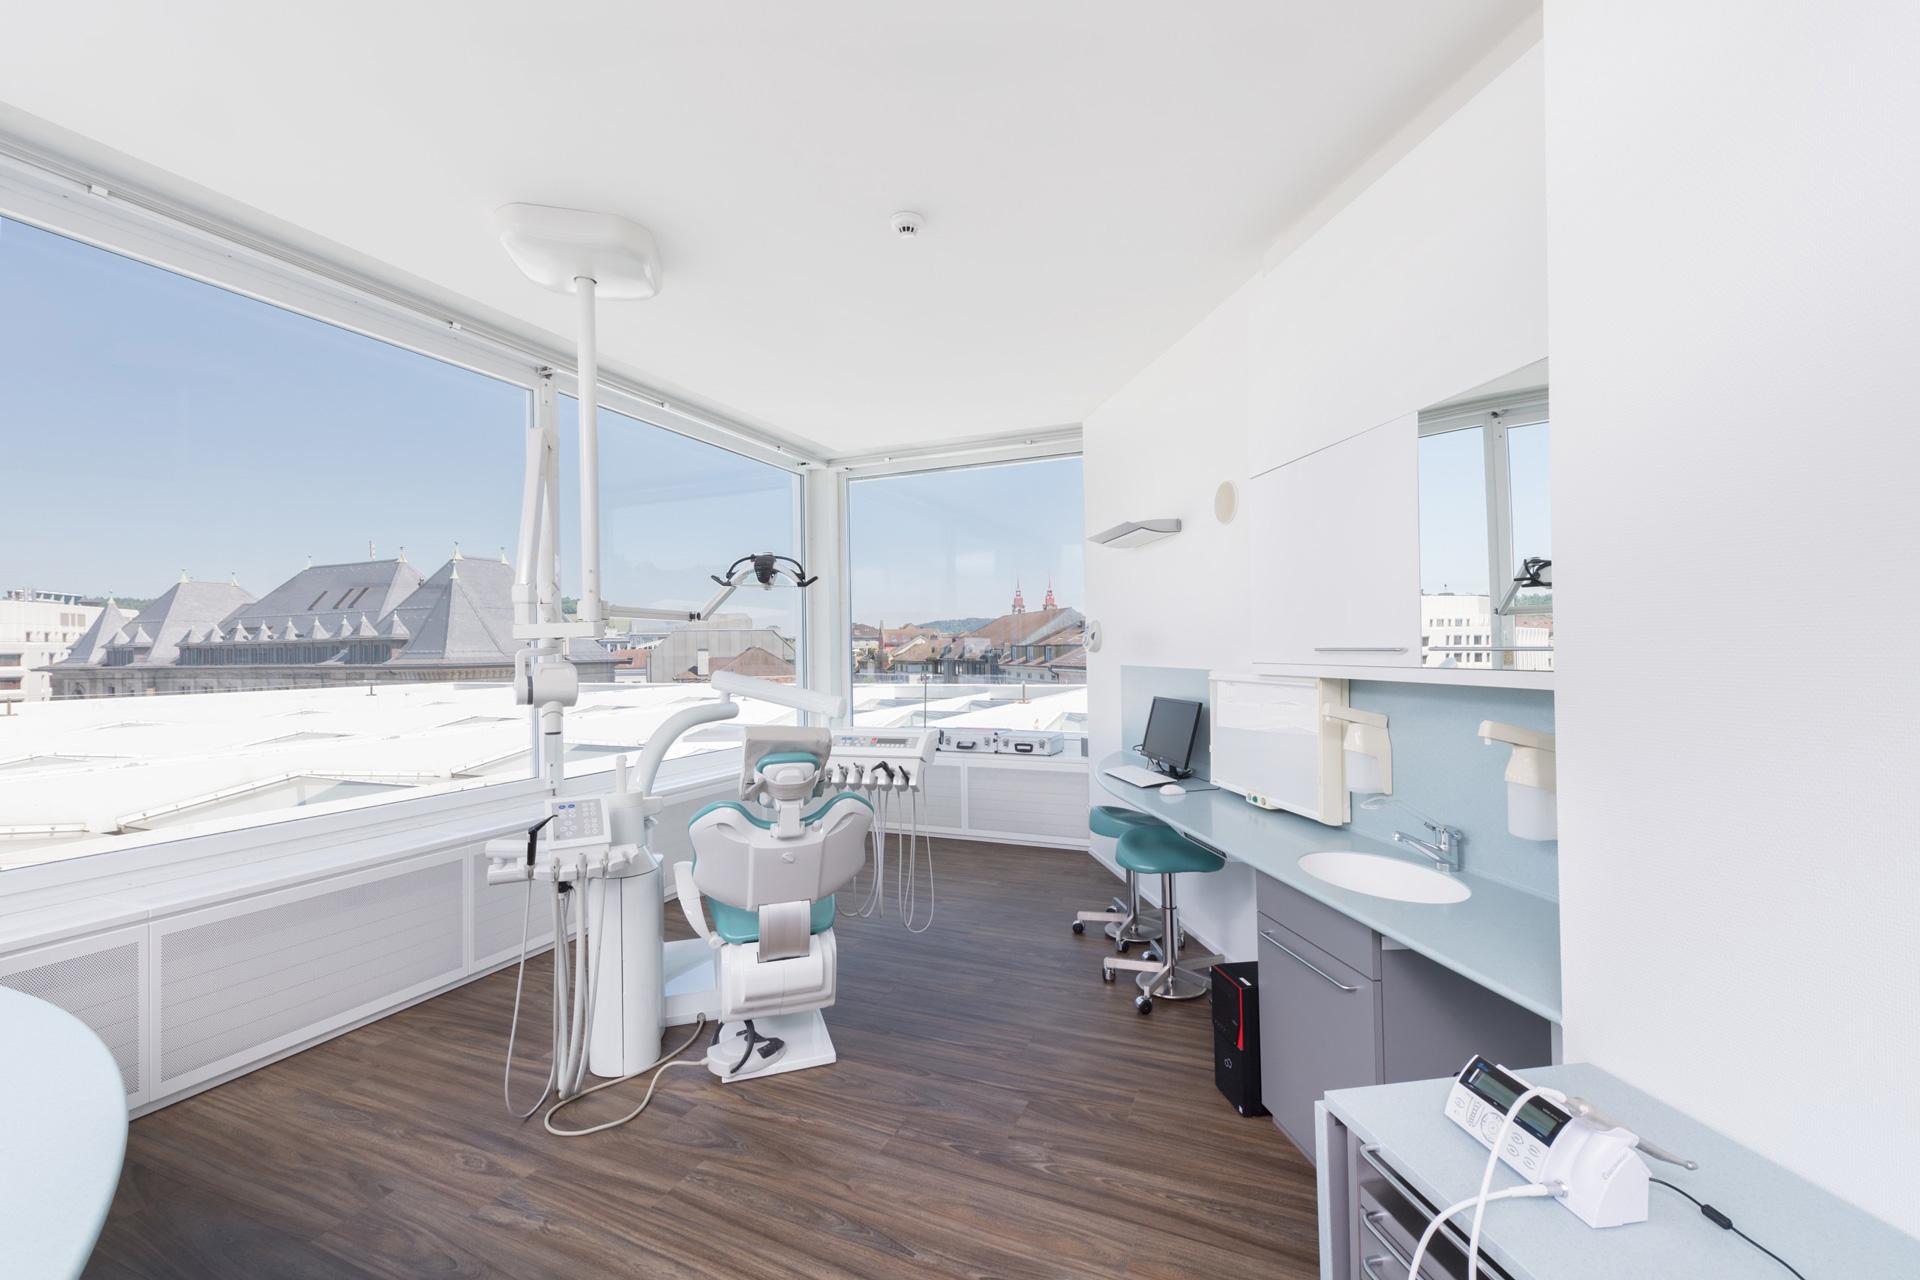 Das Behandlungszimmer der Zahnarztpraxis Resident bietet einen wunderschönen Ausblick über die Stadt Winterthur.